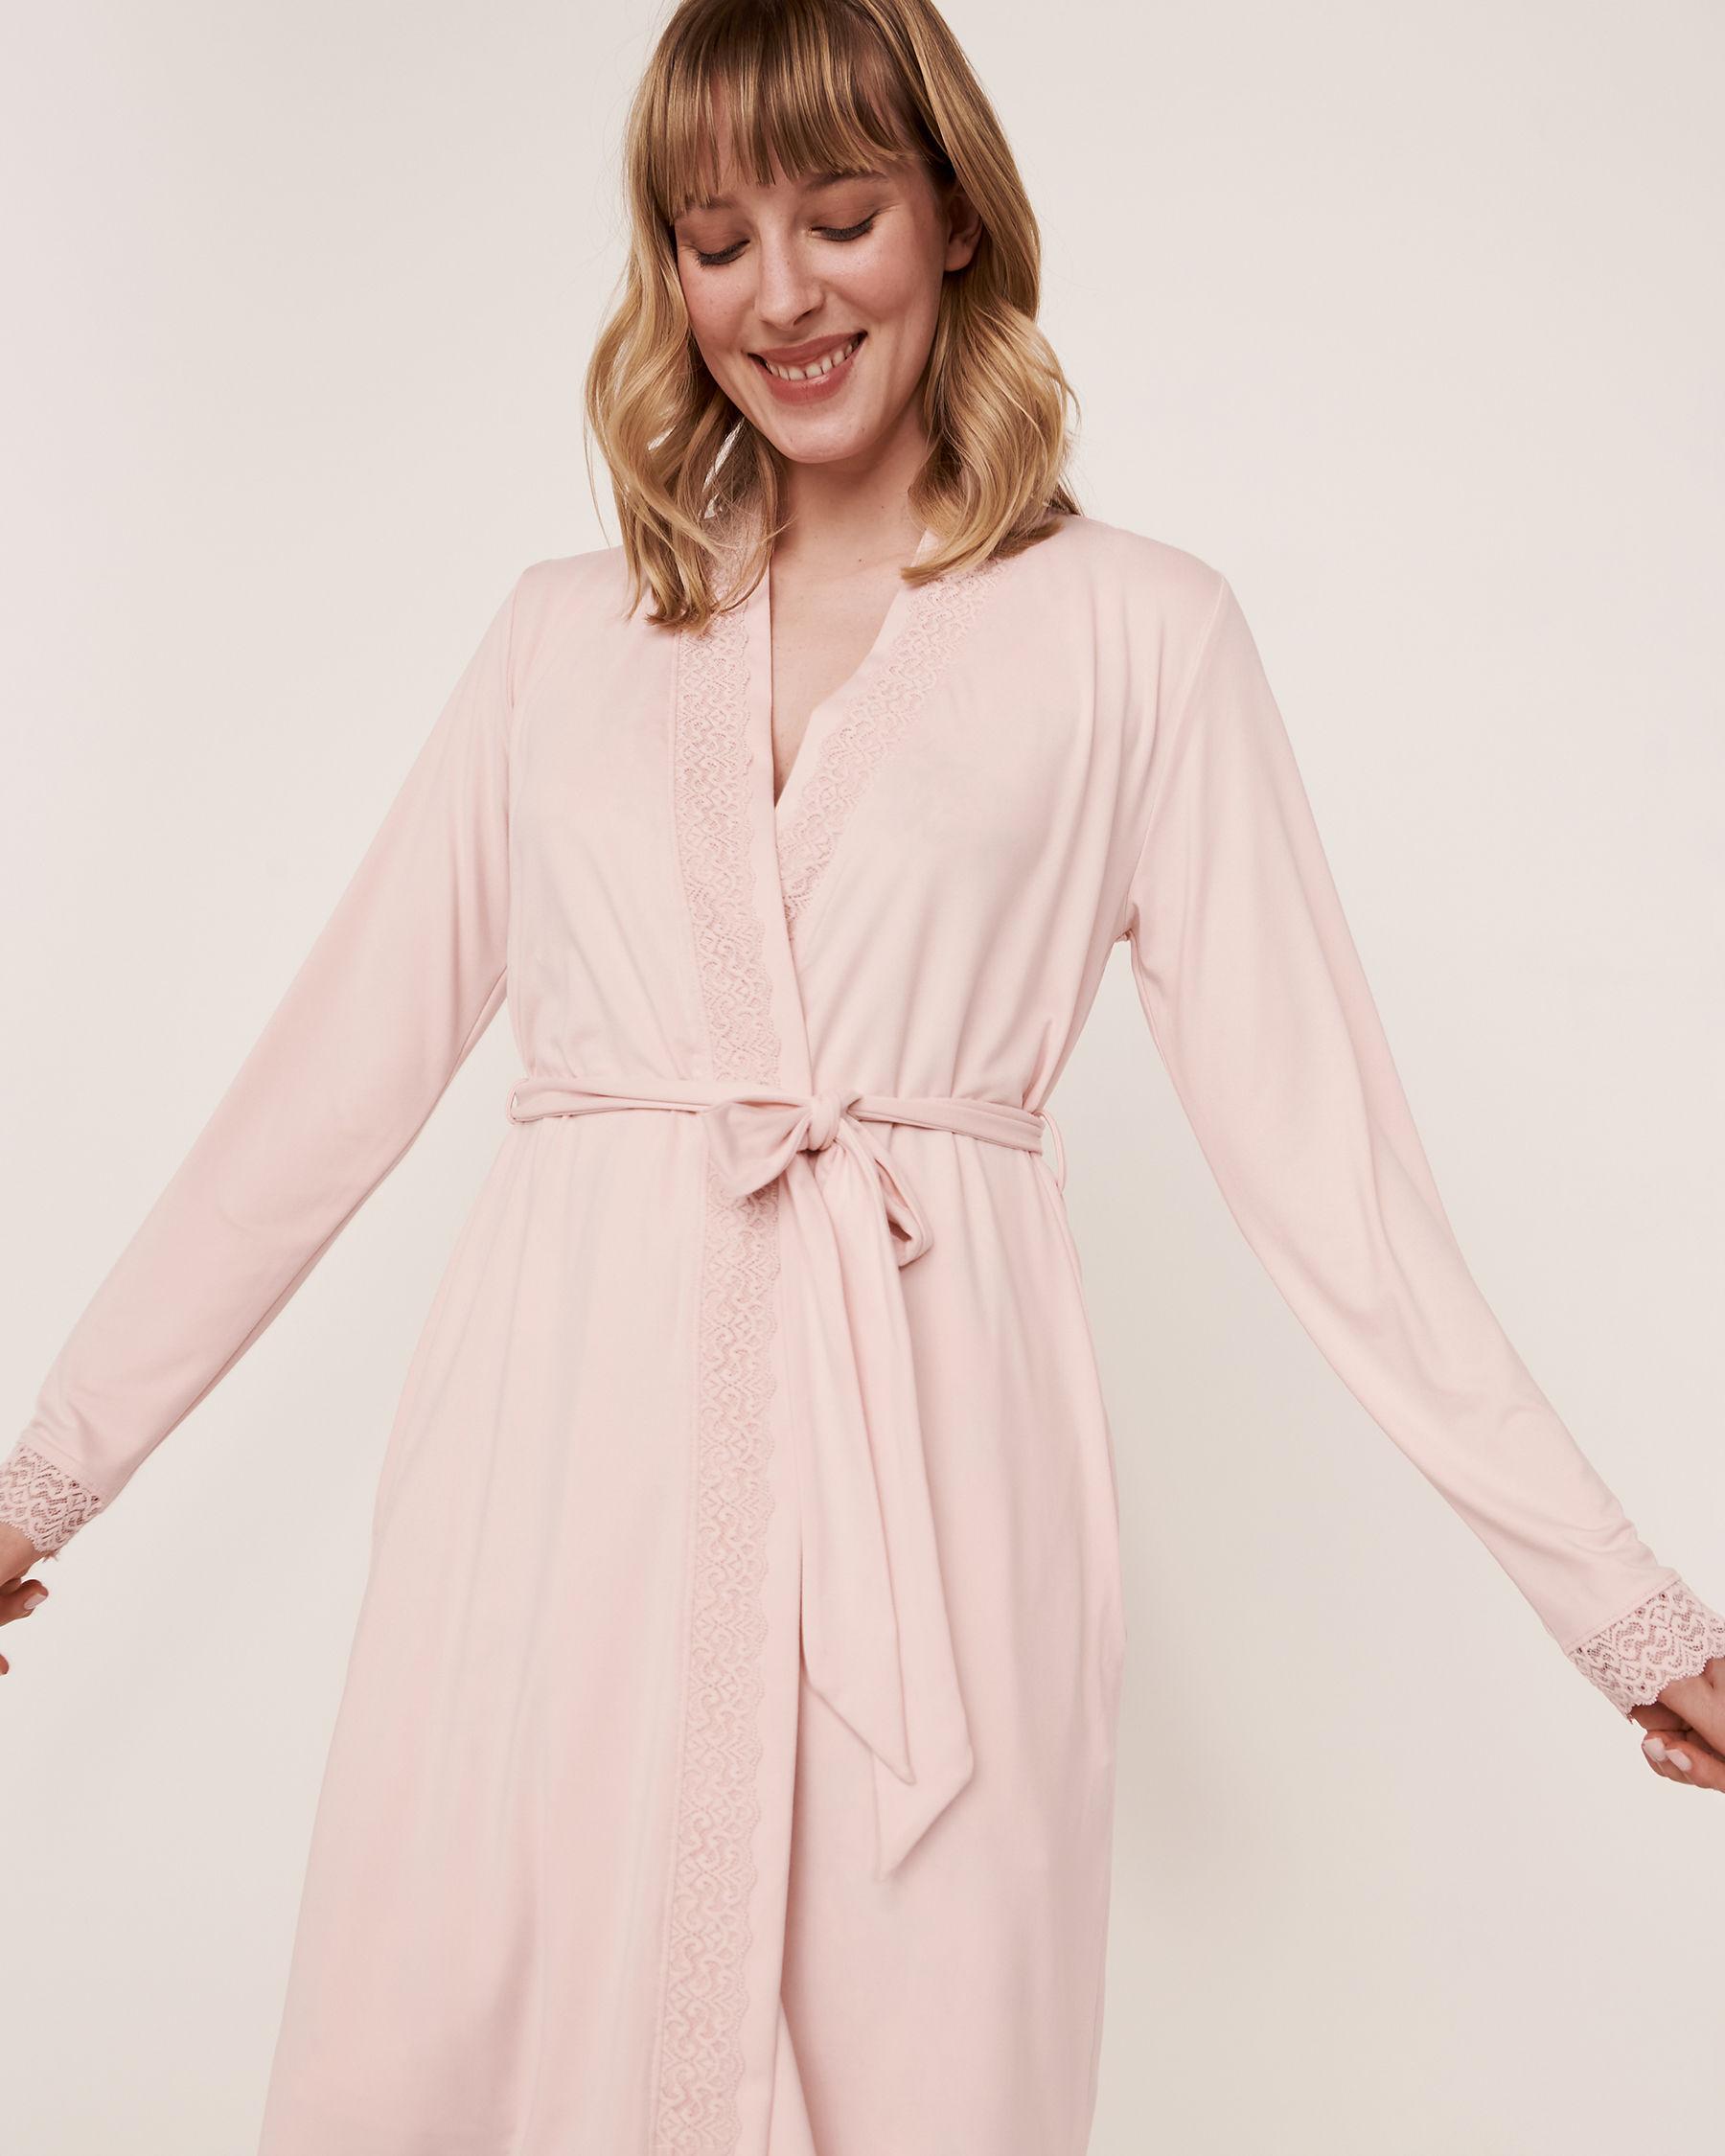 LA VIE EN ROSE Kimono garniture de dentelle Rose pâle 40600018 - Voir1